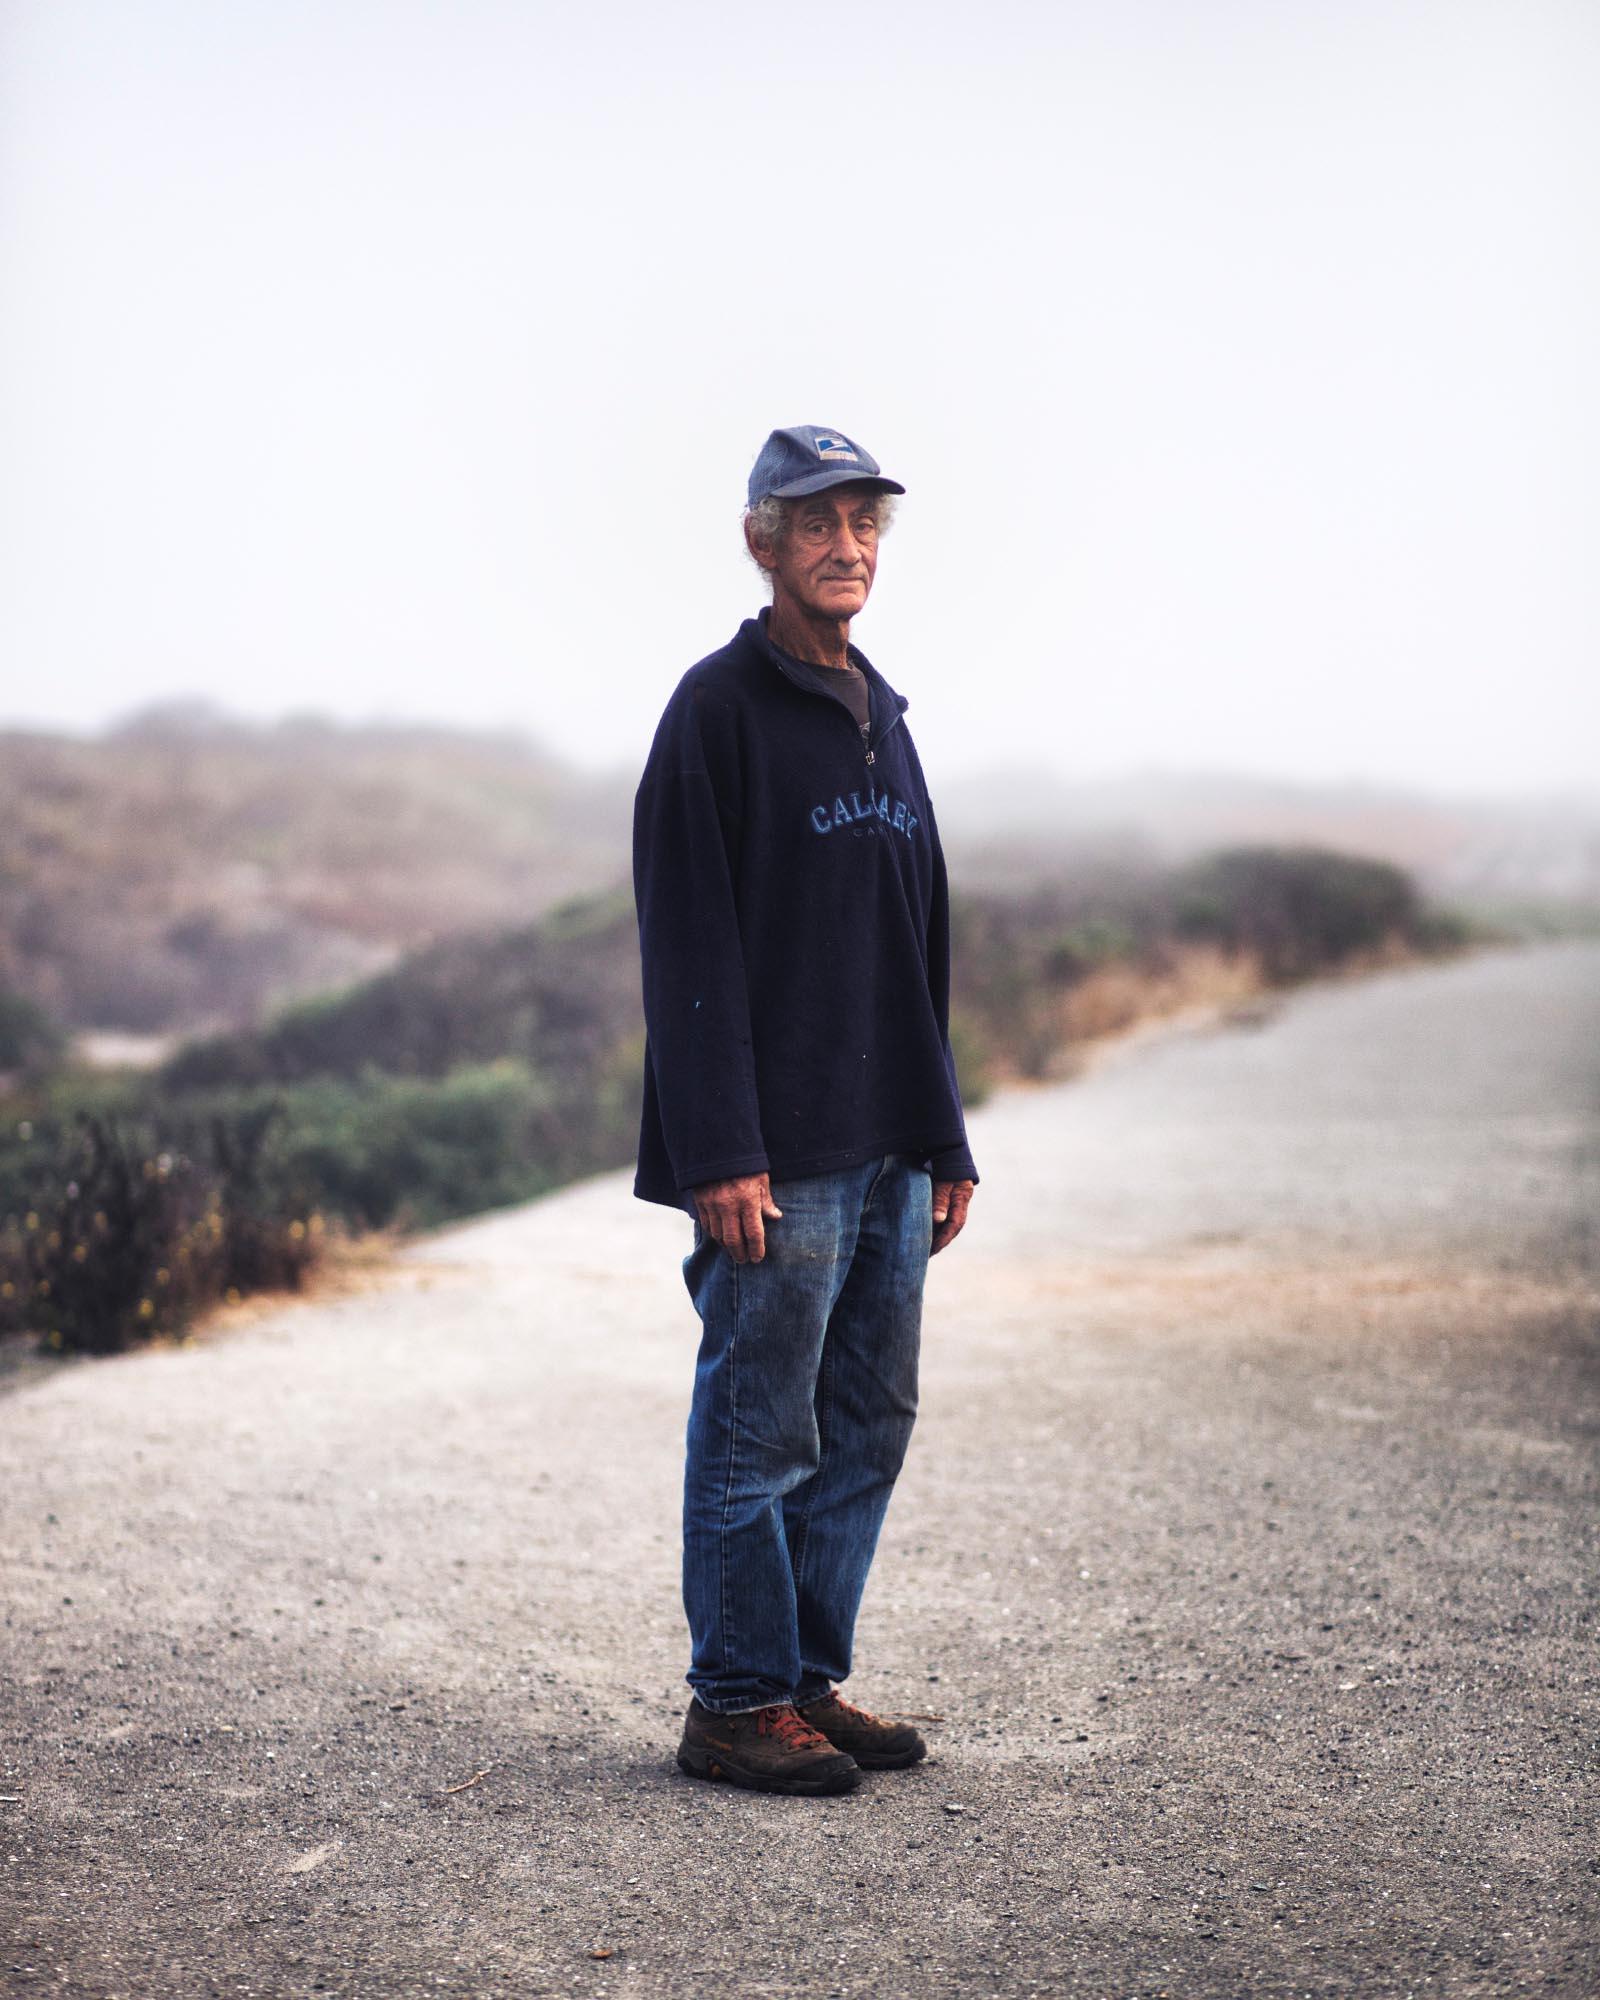 joris-hermans-travel-photography-tips-tricks-shell-samoa-portrait.jpg